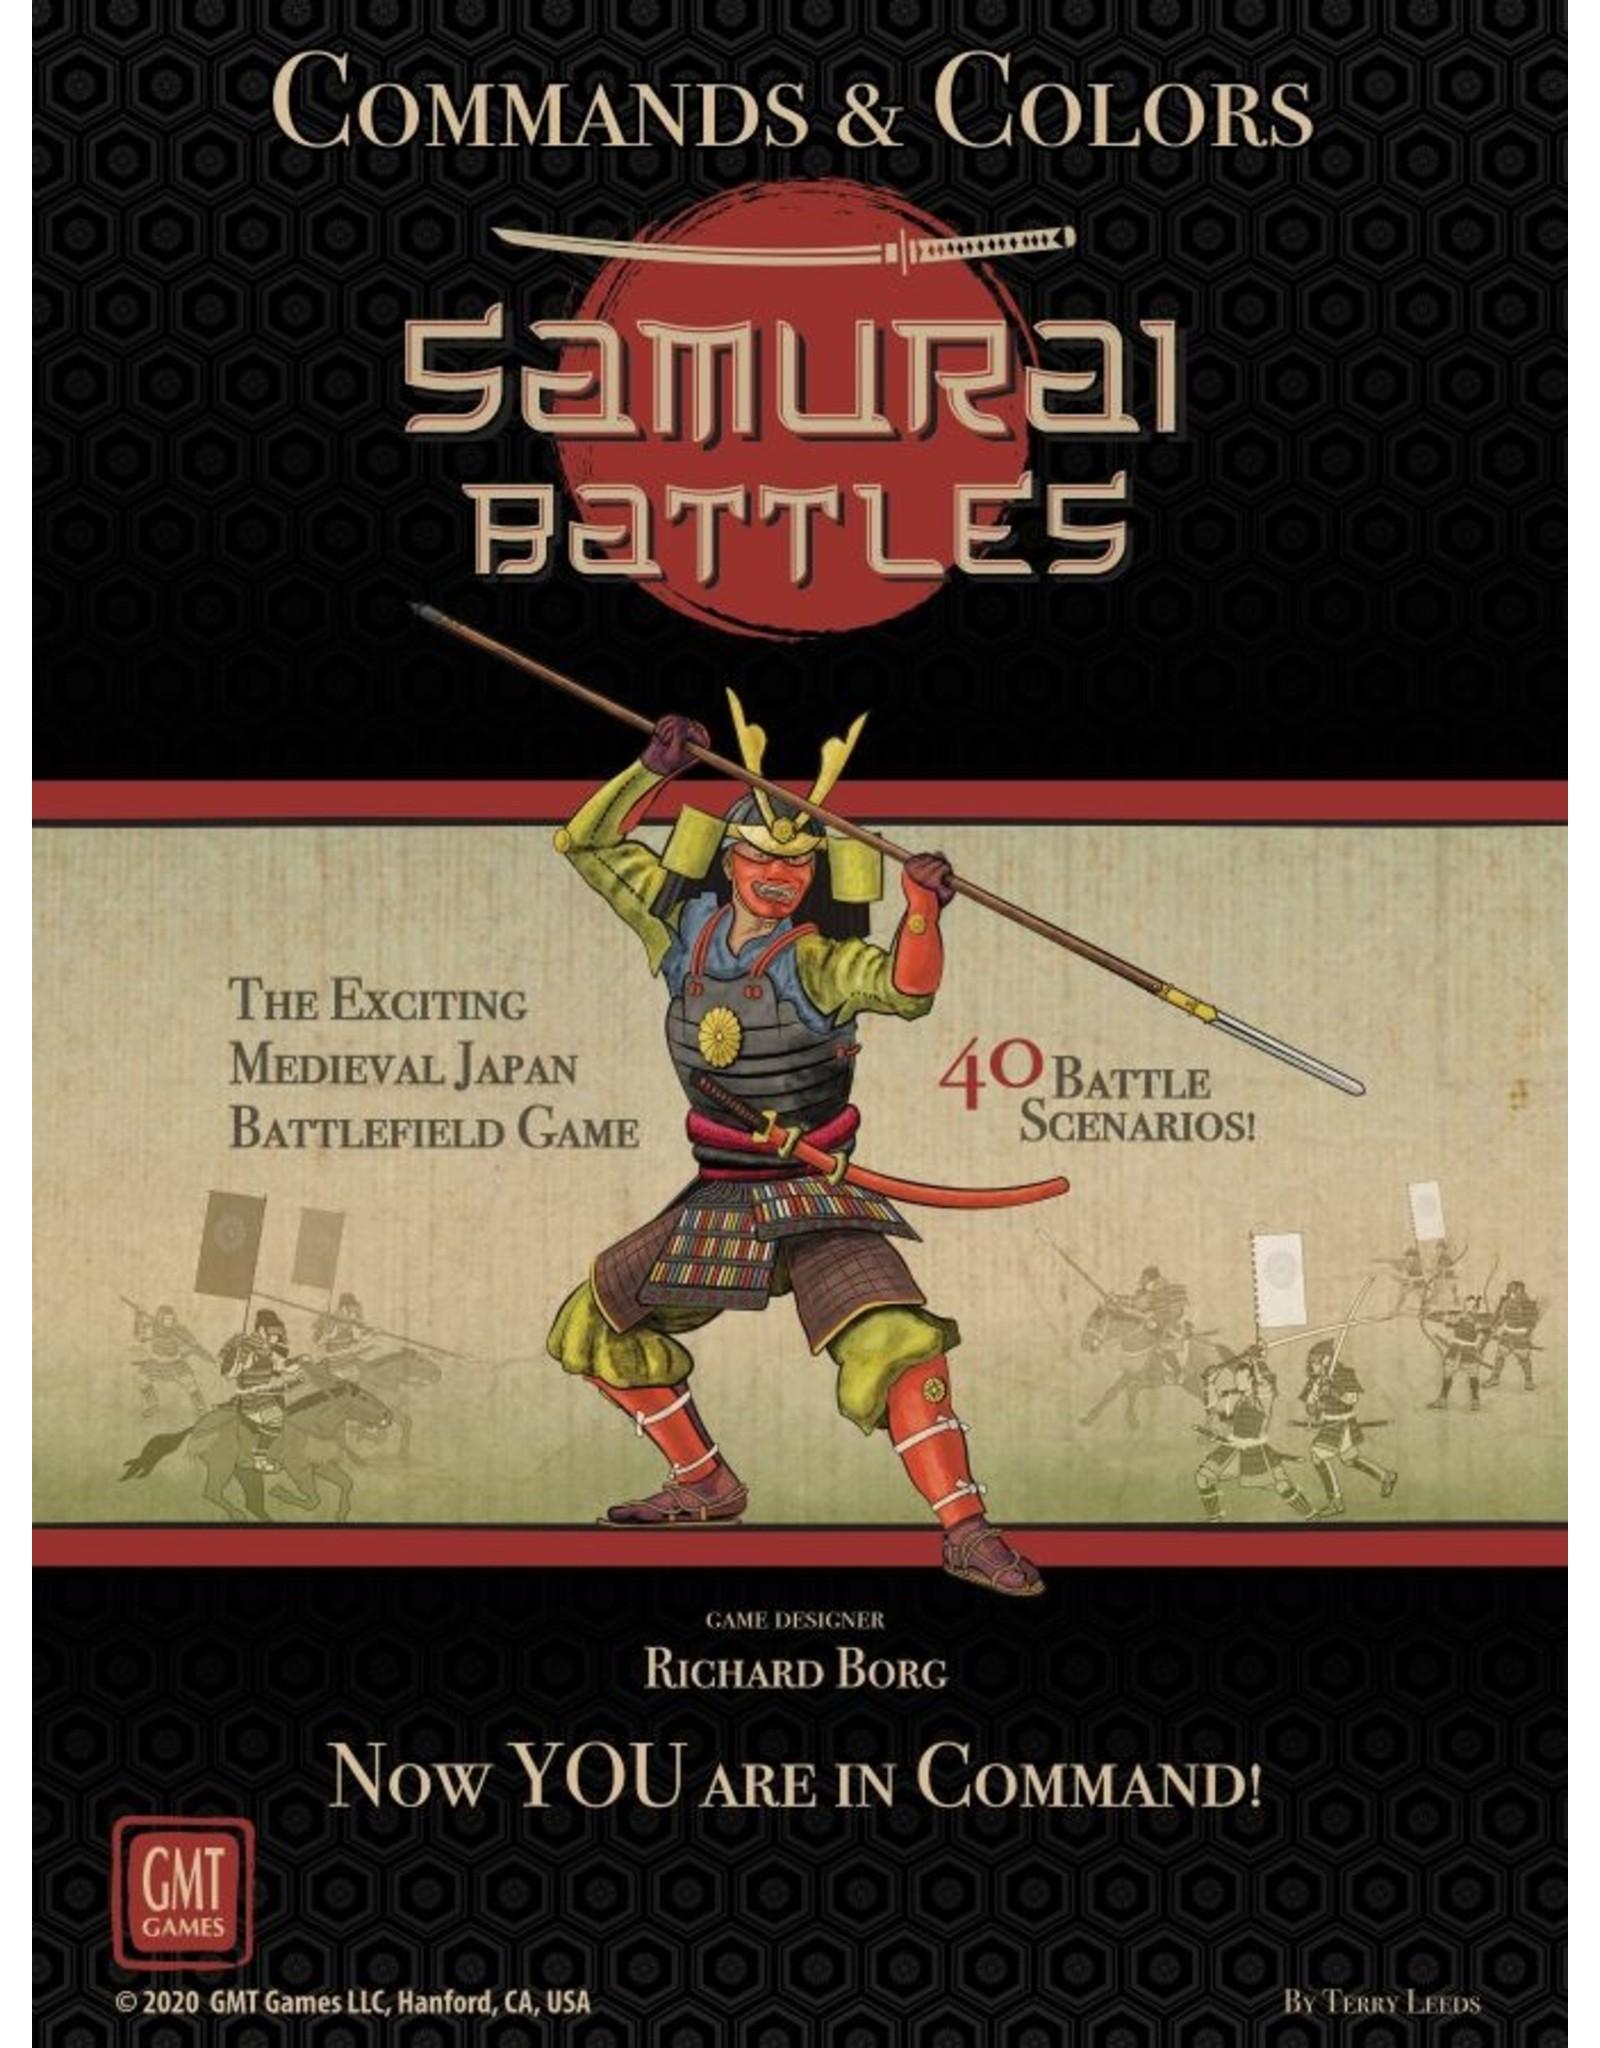 GMT Games Commands & Colors: Samurai Battles